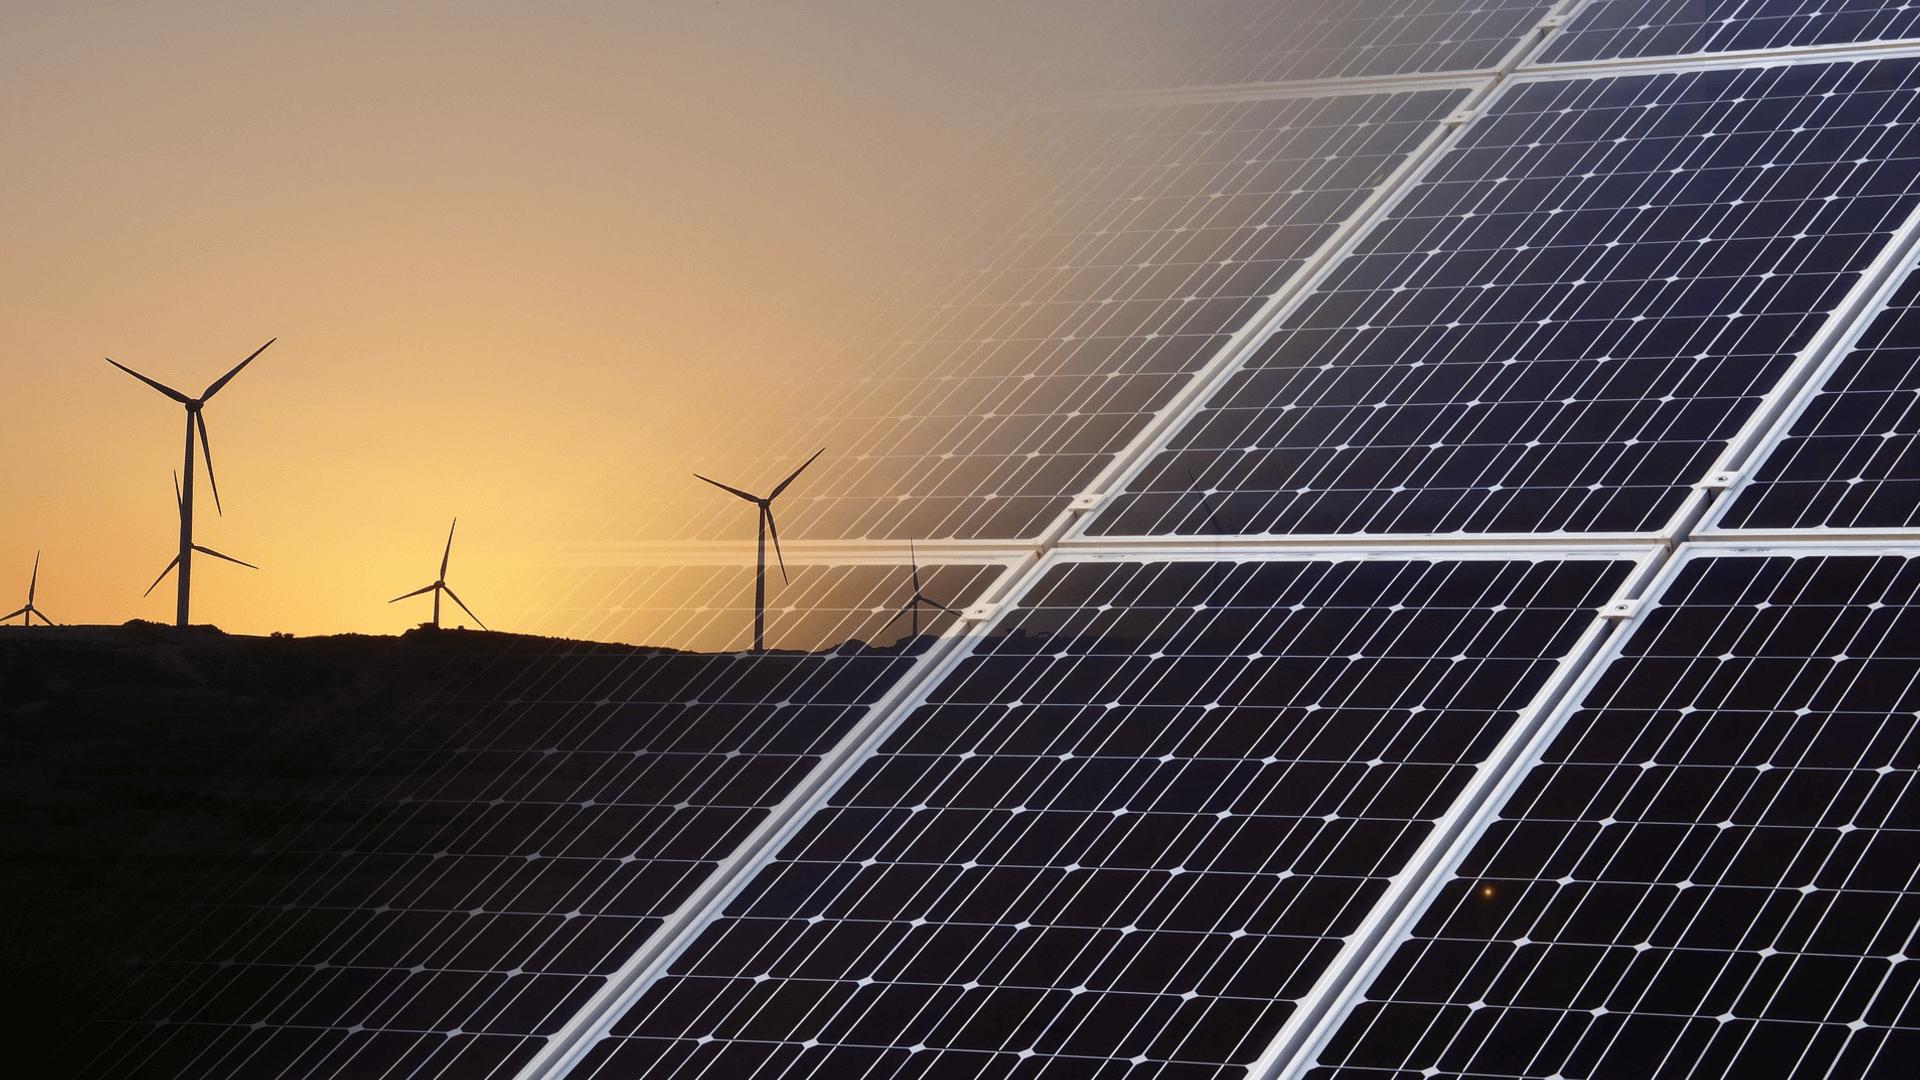 DIY-Photovoltaik-Bausätze zur Reduzierung des Stromverbrauchs